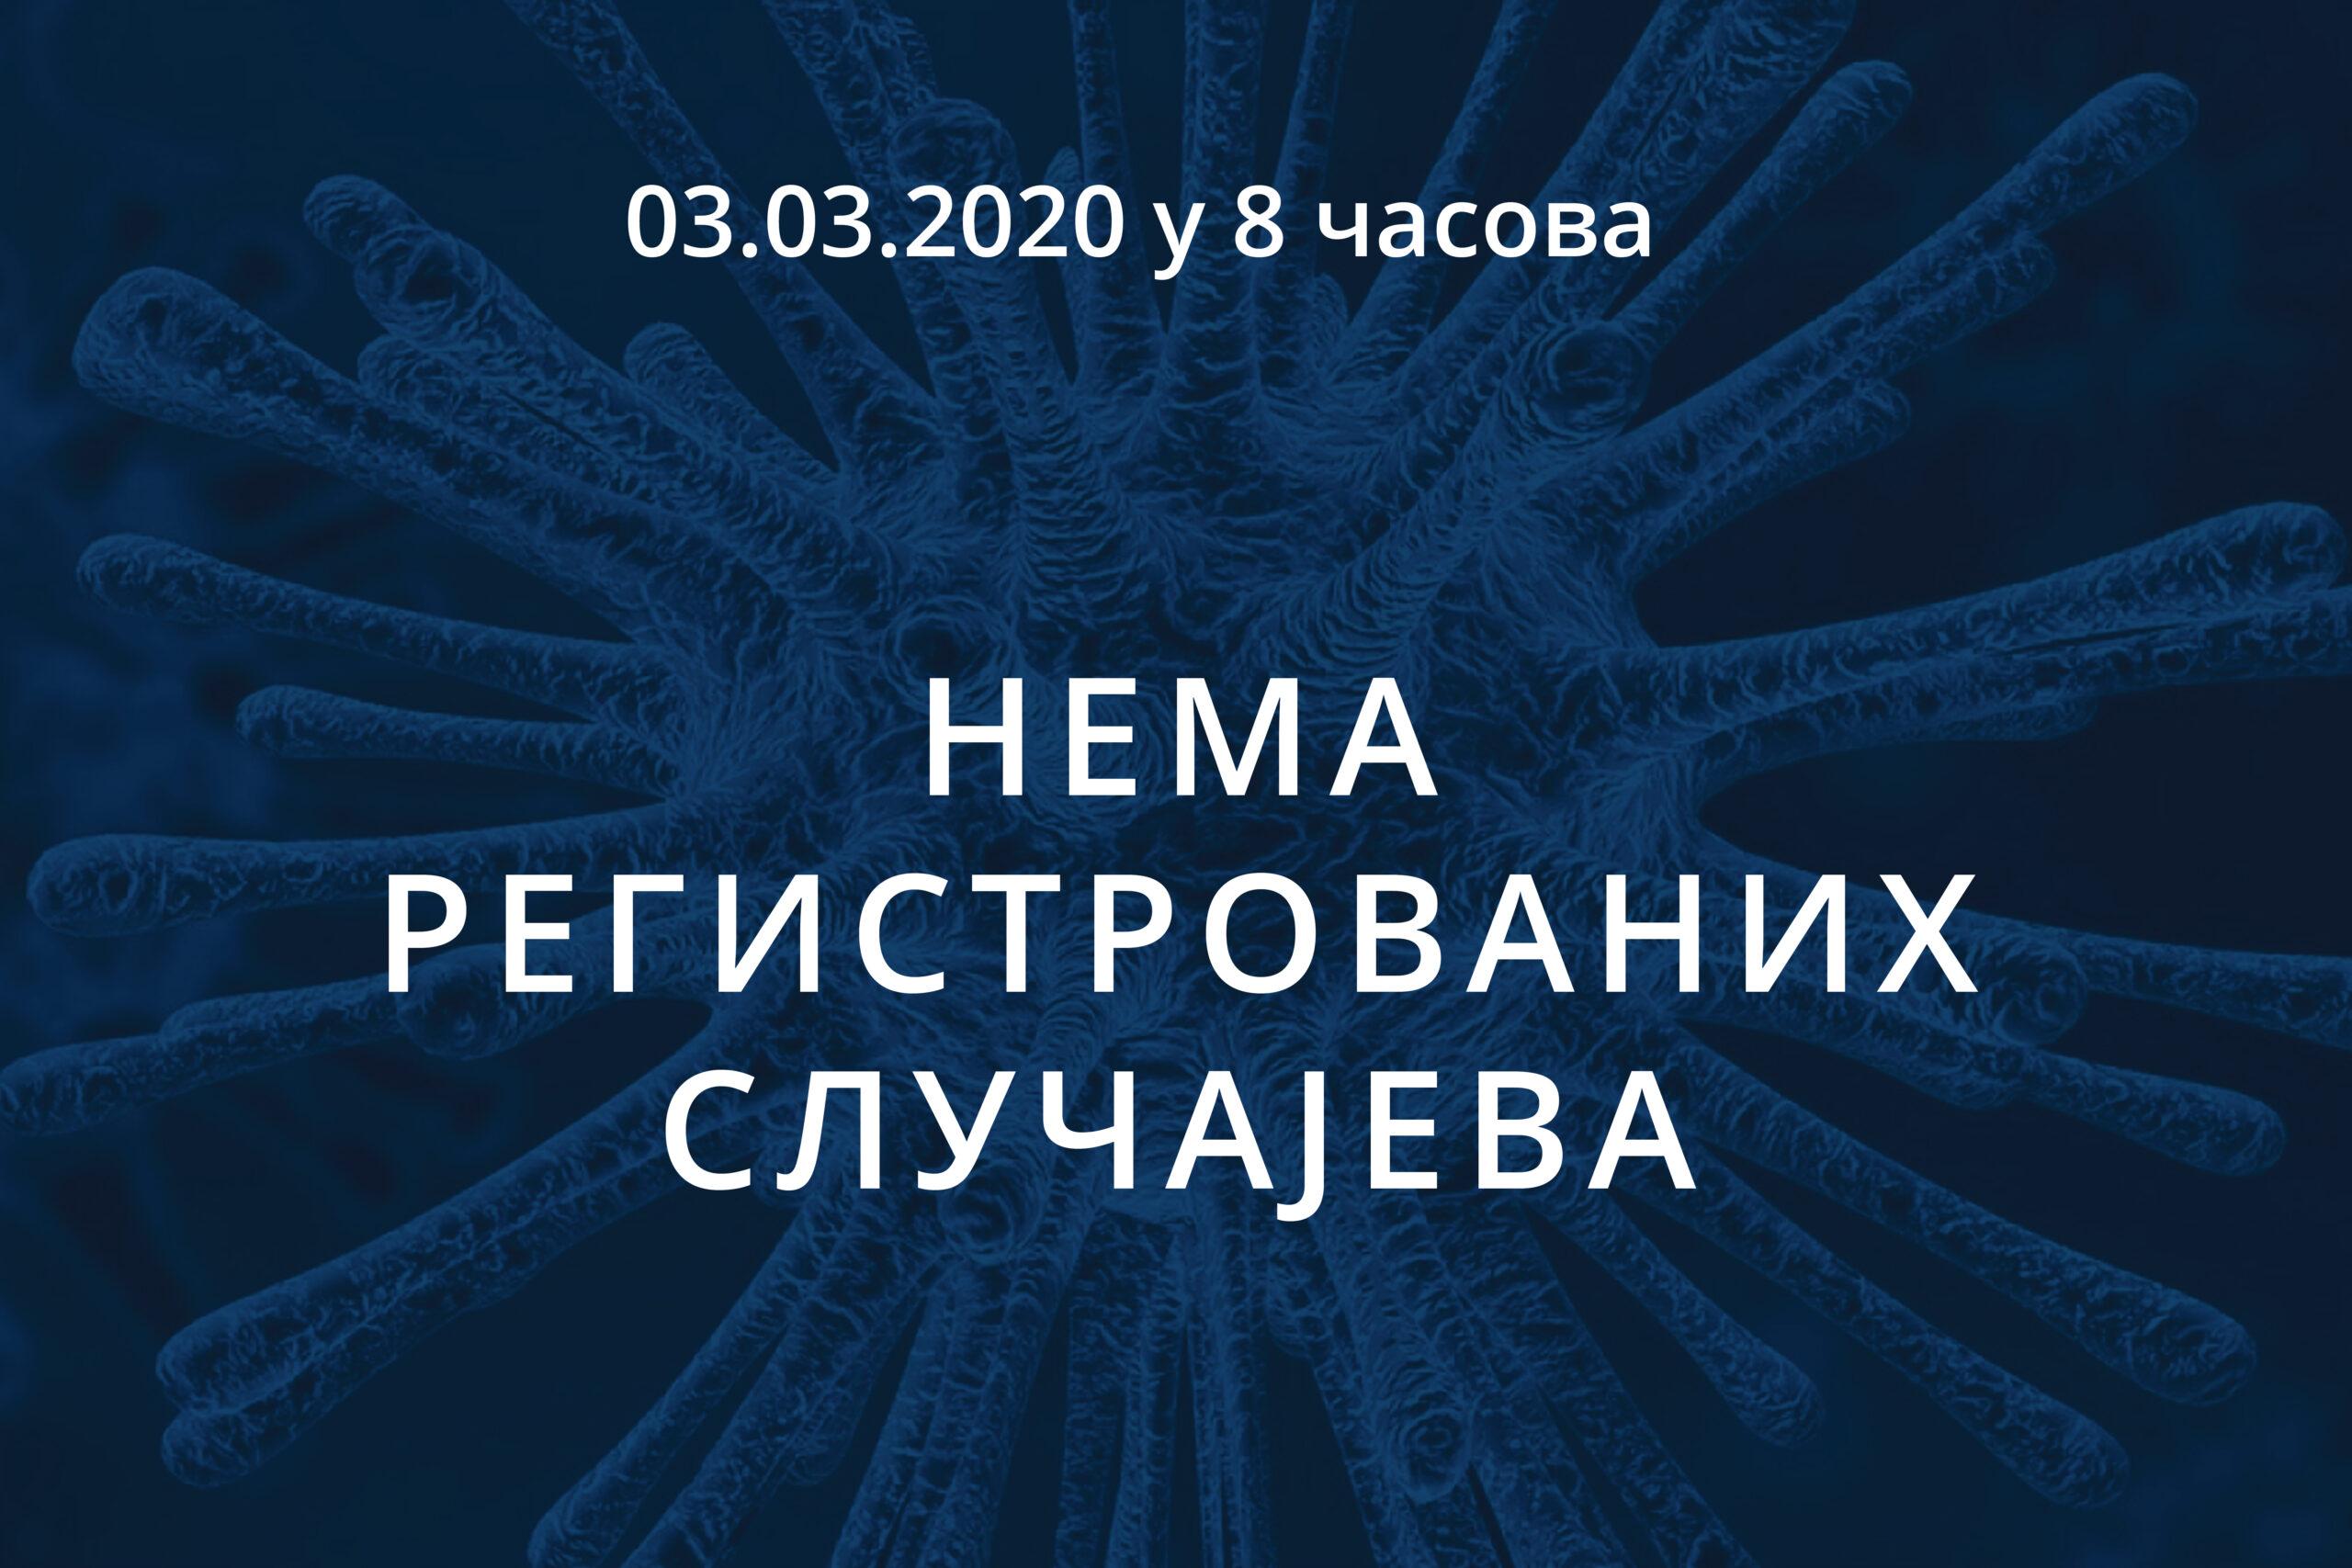 Информације о корона вирусу COVID-19, 03.03.2020 у 8 часова